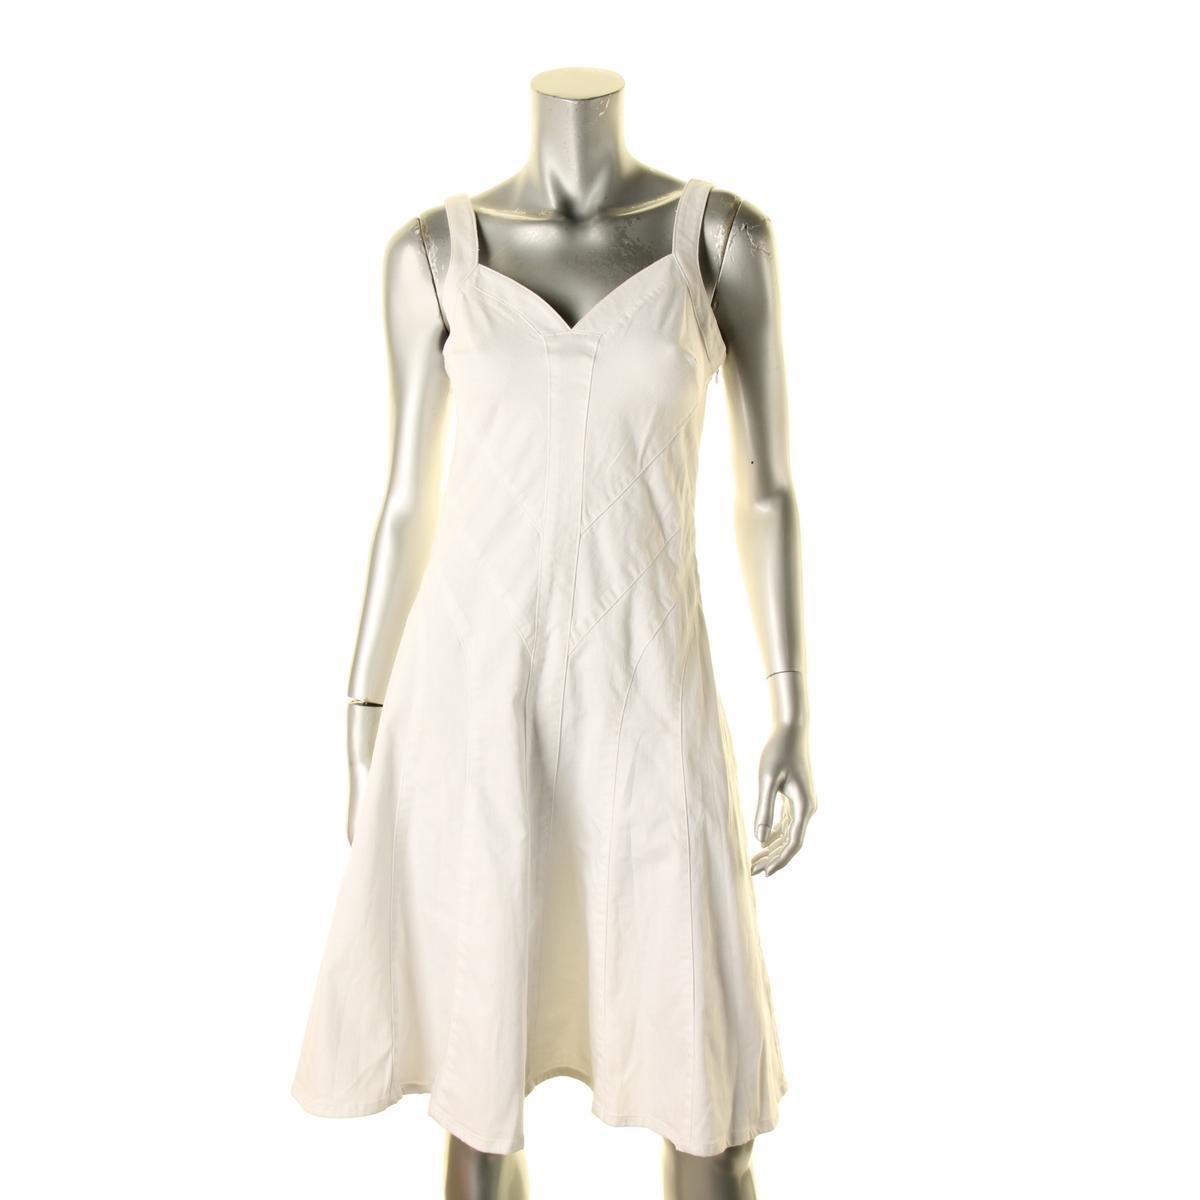 Lauren Ralph Ralph Ralph Lauren Women's New White Denim Stretch Sleeveless Sun Dress 10  125 c429cb